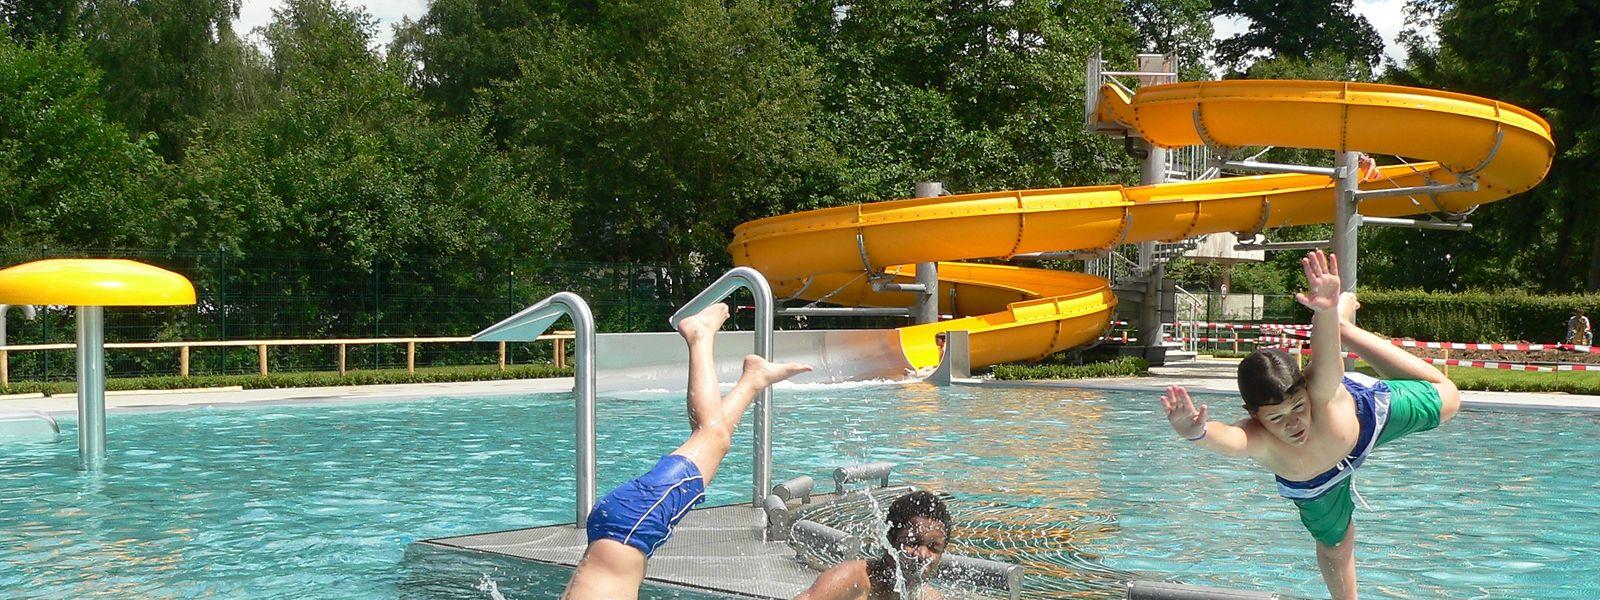 Wie im Urlaub: Wenn das Wetter mitspielt, machen die Leute gerne einen Abstecher ins Freibad.